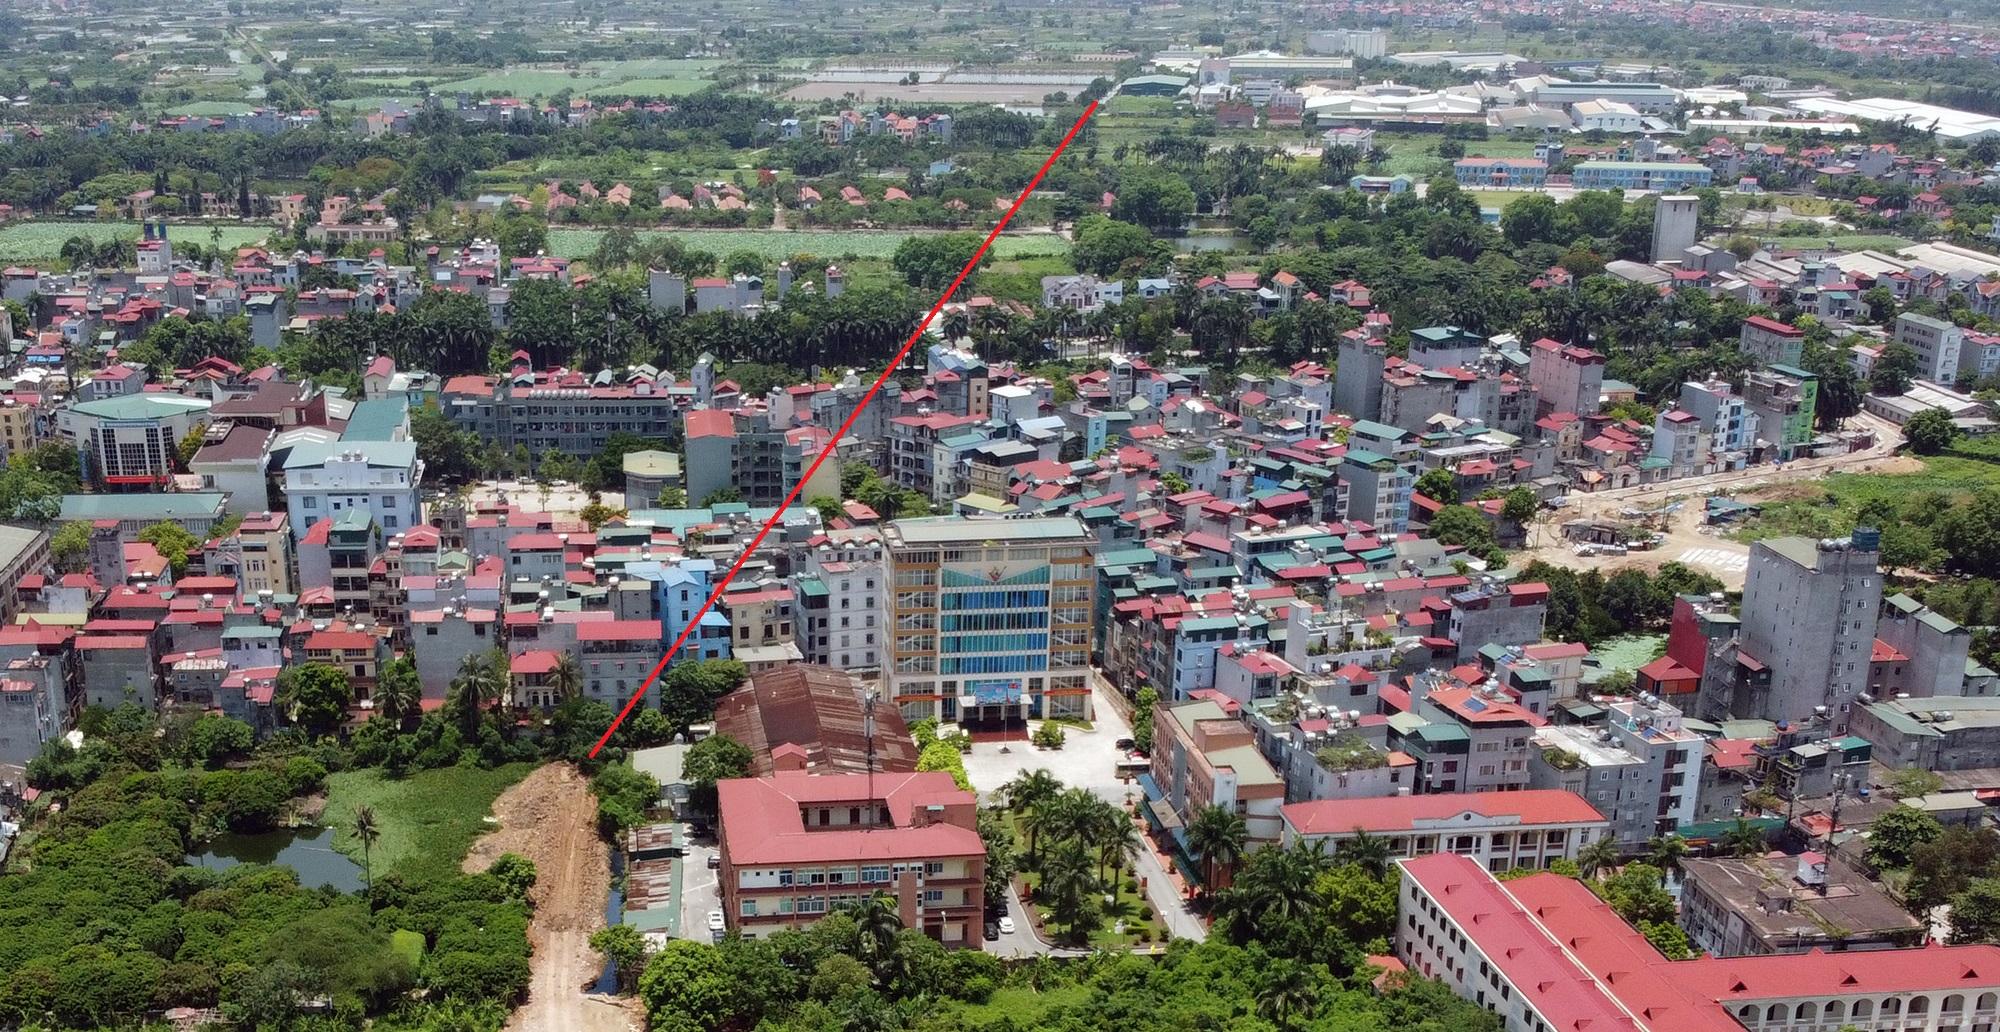 Kế hoạch sử dụng đất phường Thuỵ Phương, Bắc Từ Liêm, Hà Nội năm 2021 - Ảnh 1.